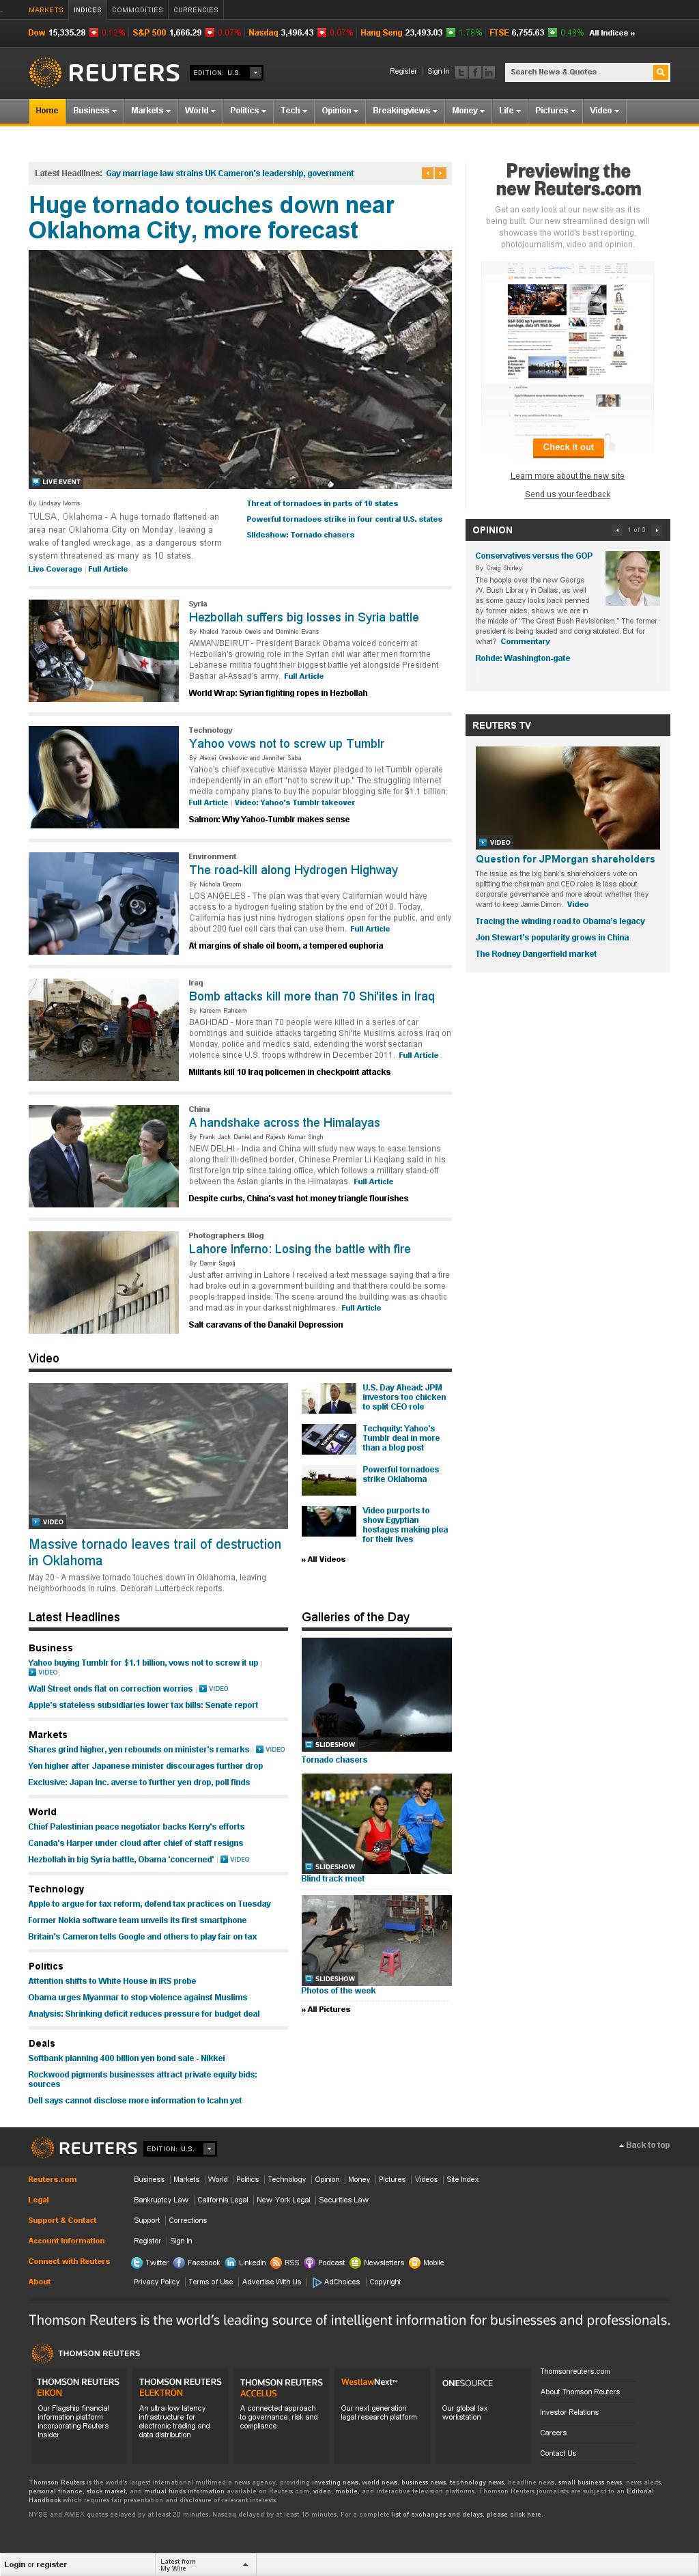 Reuters at Monday May 20, 2013, 10:20 p.m. UTC